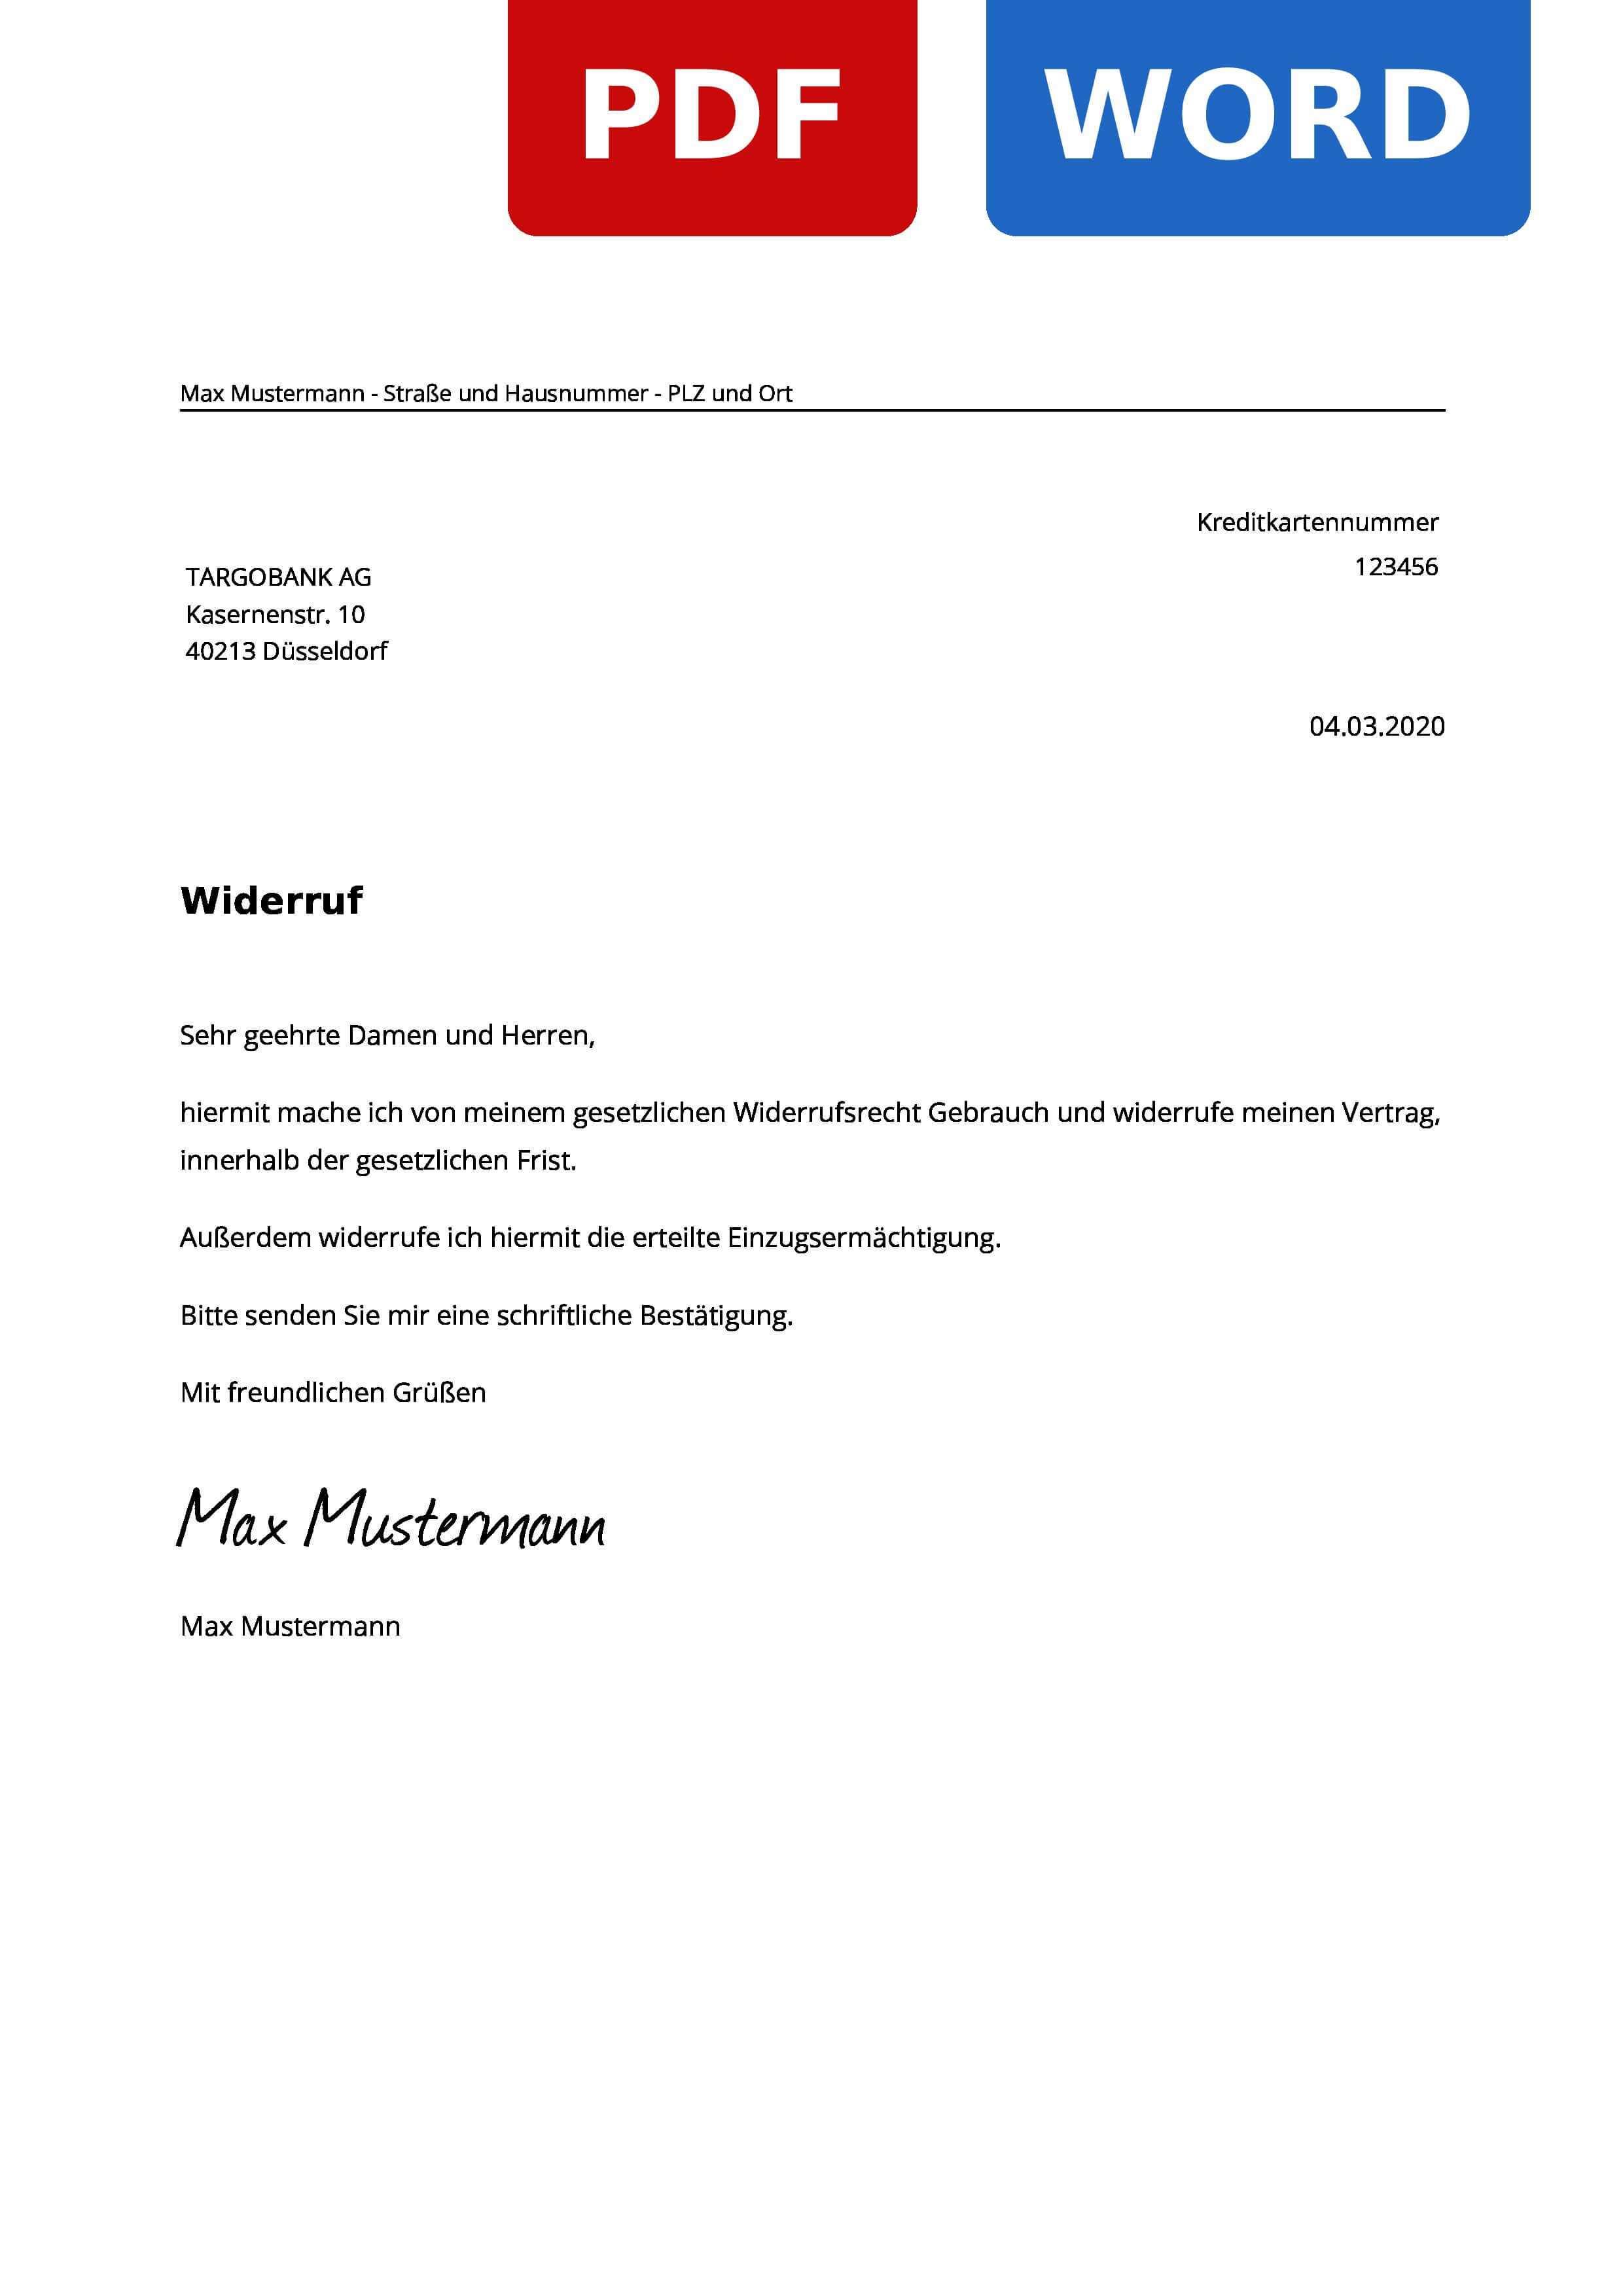 Targobank Kredit Widerruf Widerrufsrecht Widerrufsfrist